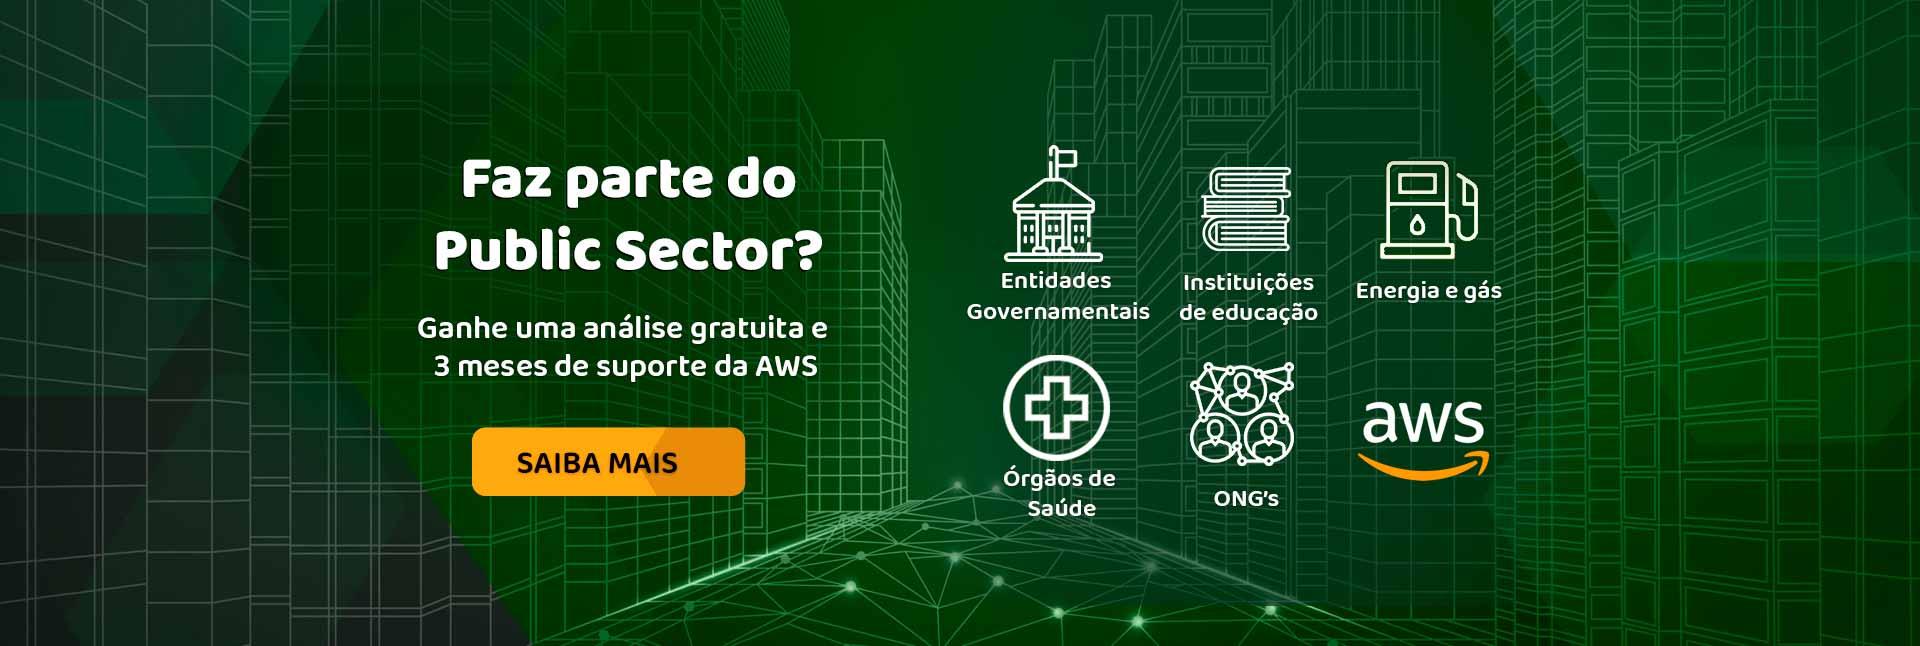 AWS Public Sector